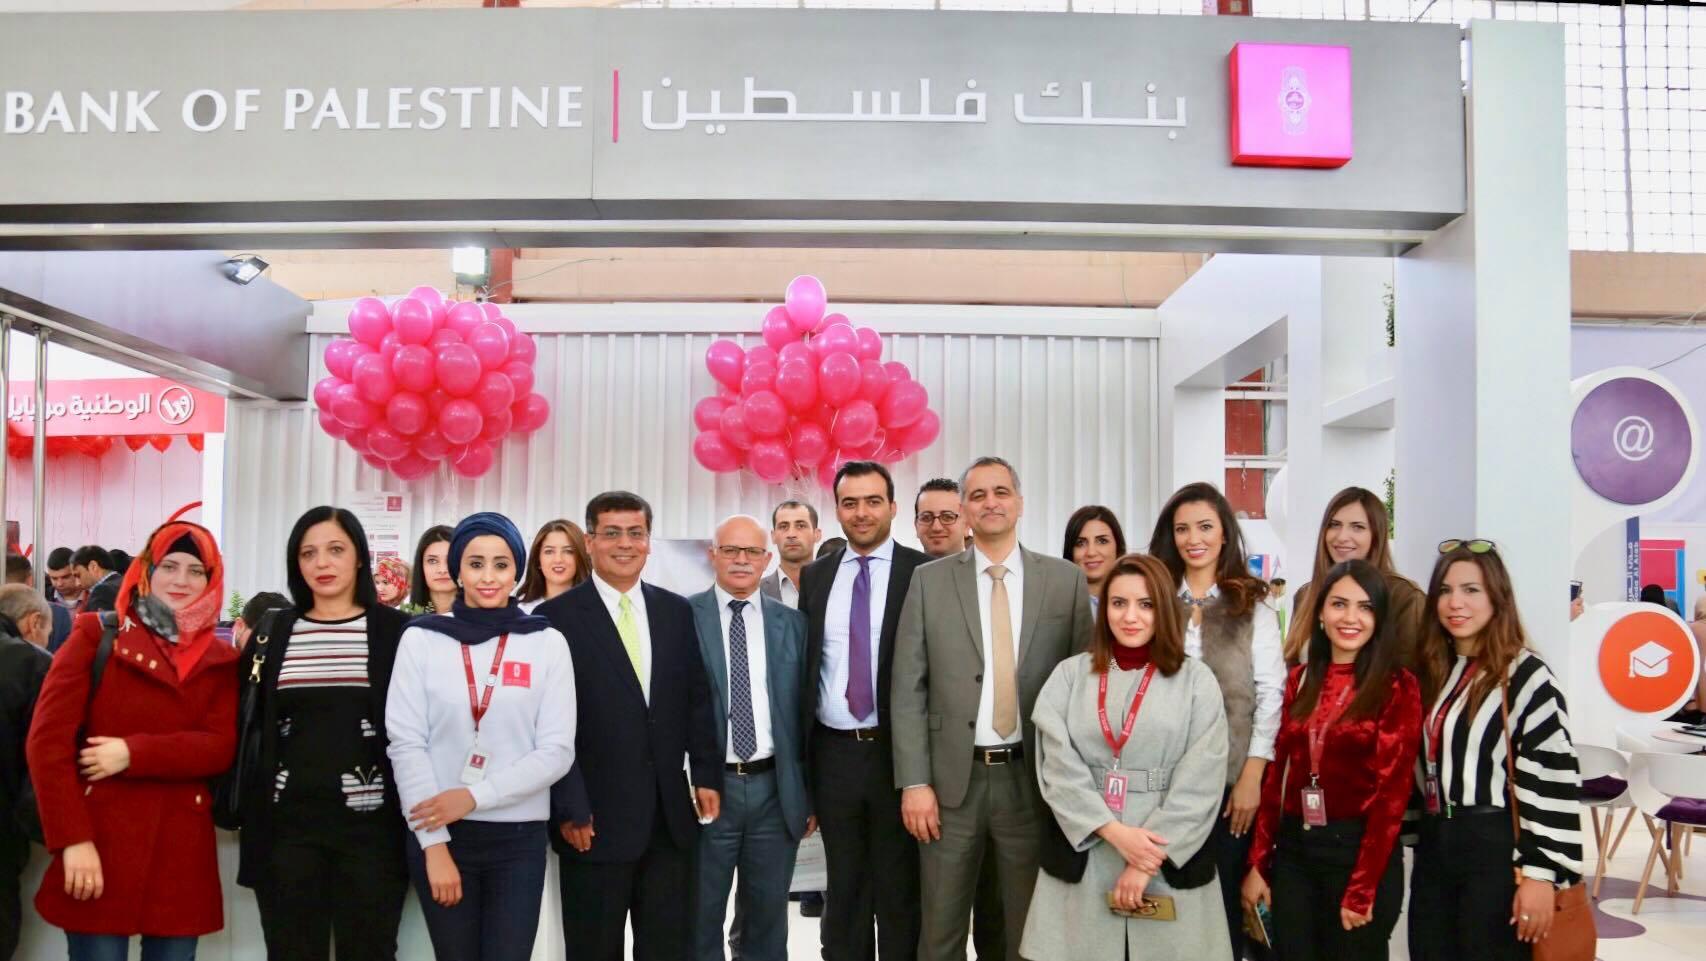 بنك فلسطين الراعي الفضي لفعاليات